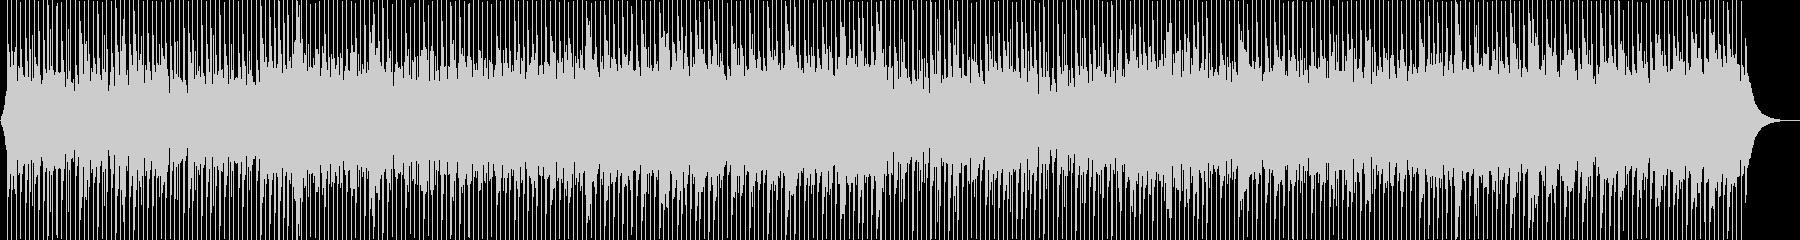 爽やかなアコースティックなBGMの未再生の波形